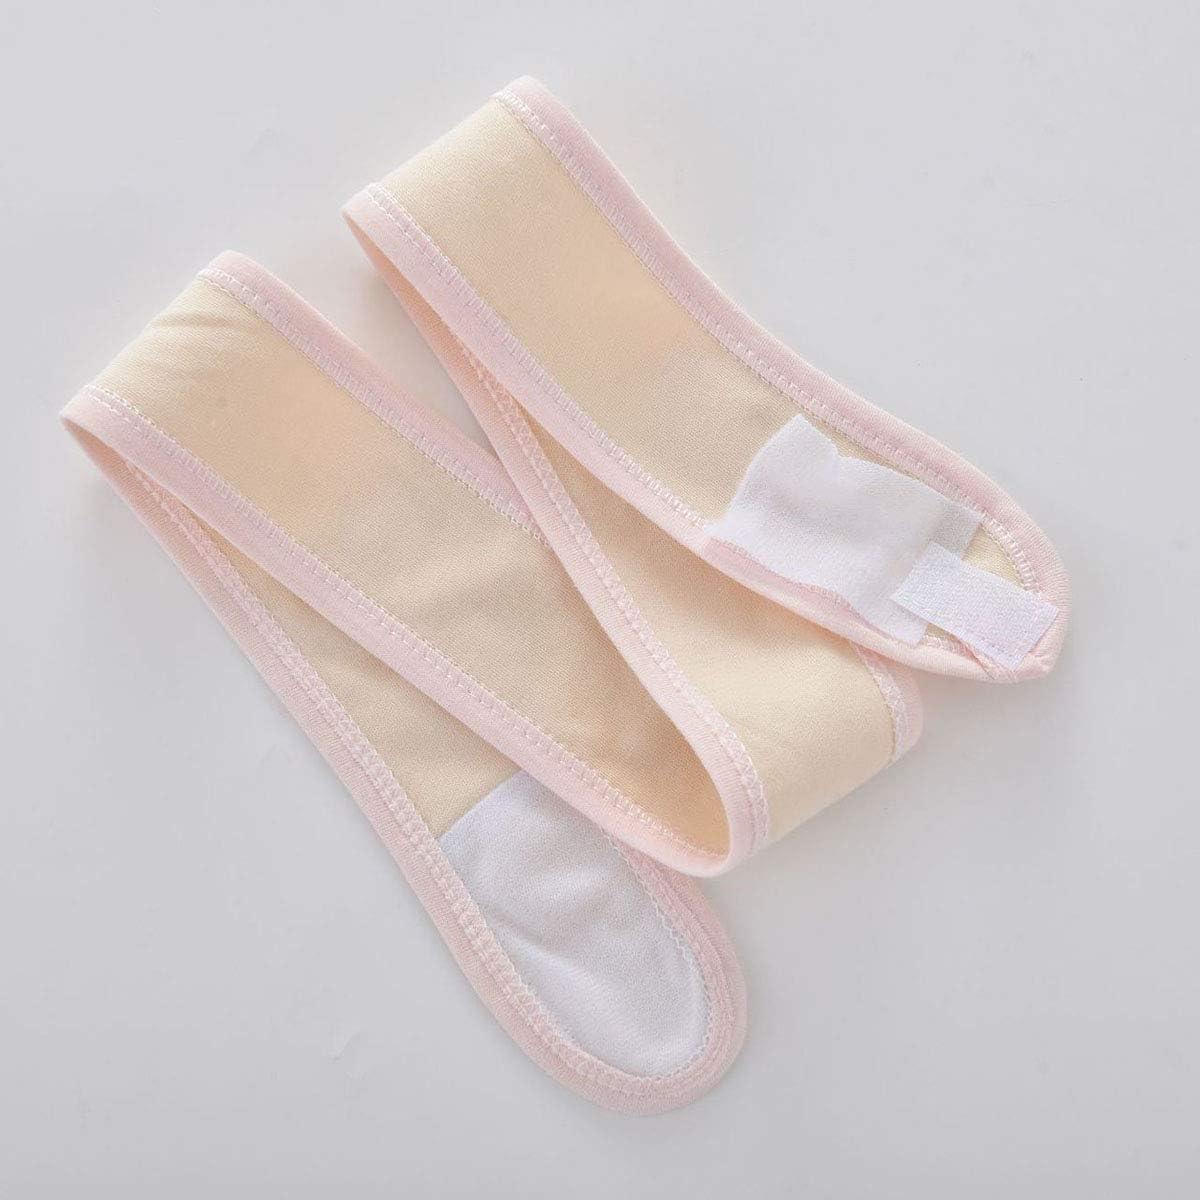 MHMTSY Sac de couchage bébé Coton Automne et Hiver Épaississement Sac de couchage Tissu Confortable et Délicat Artisanat Pratique Rapide et Beau Blue